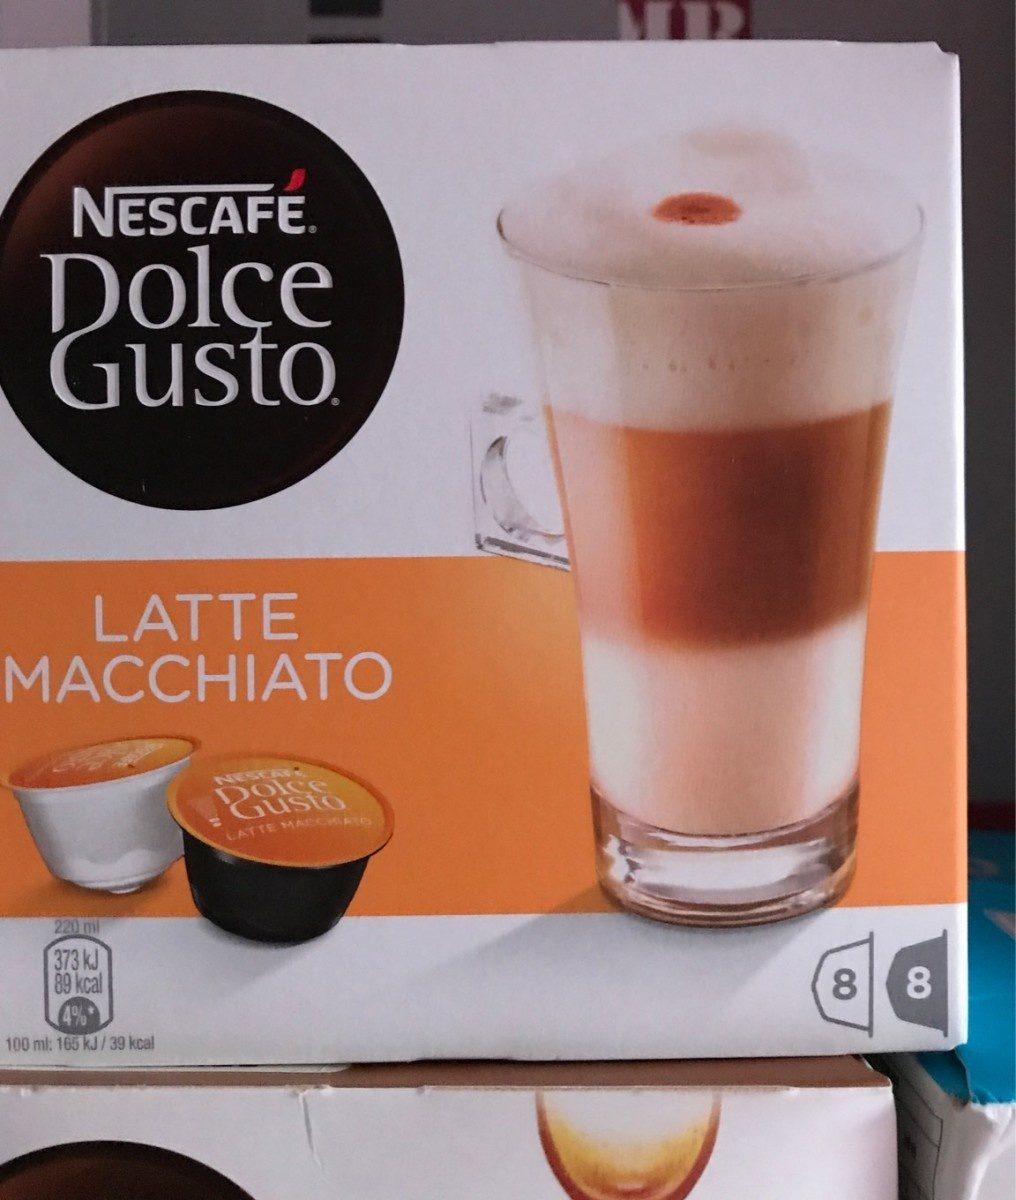 Latte macchiatto dolce gusto - Product